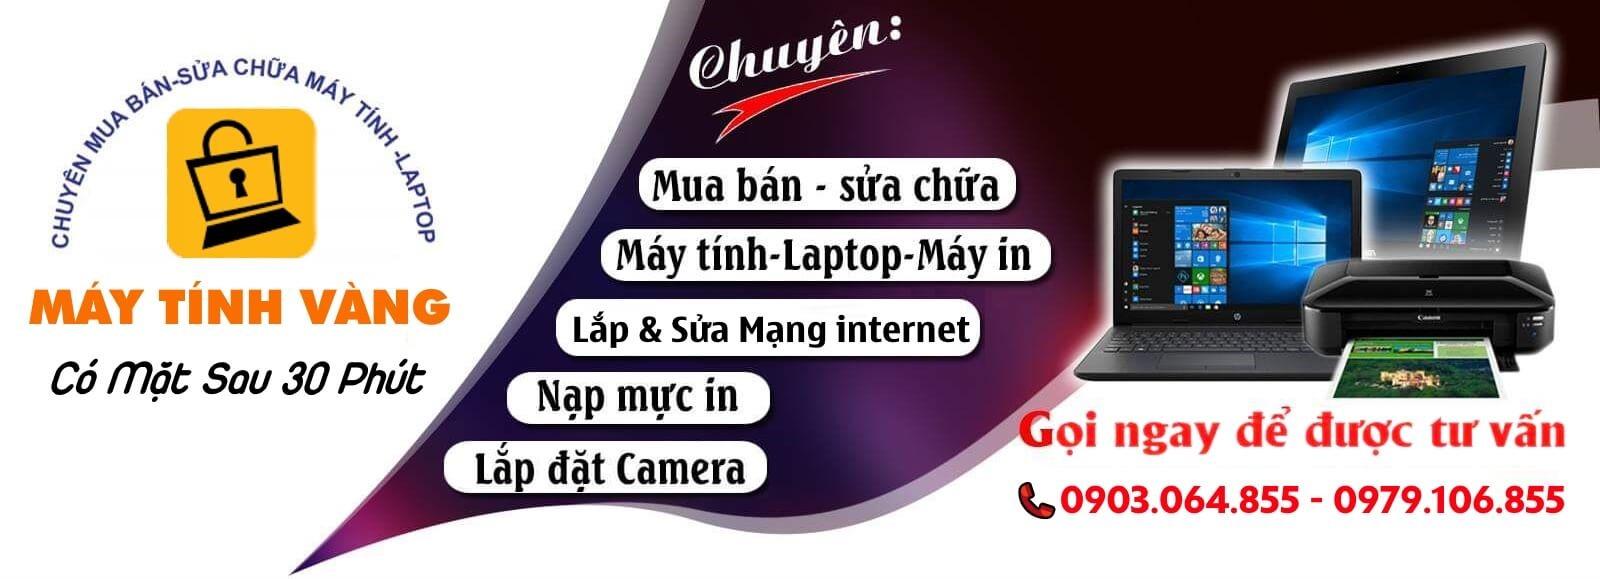 Máy Tính Vàng – Chuyên sửa laptop Quận 6 hàng đầu hiện nay.